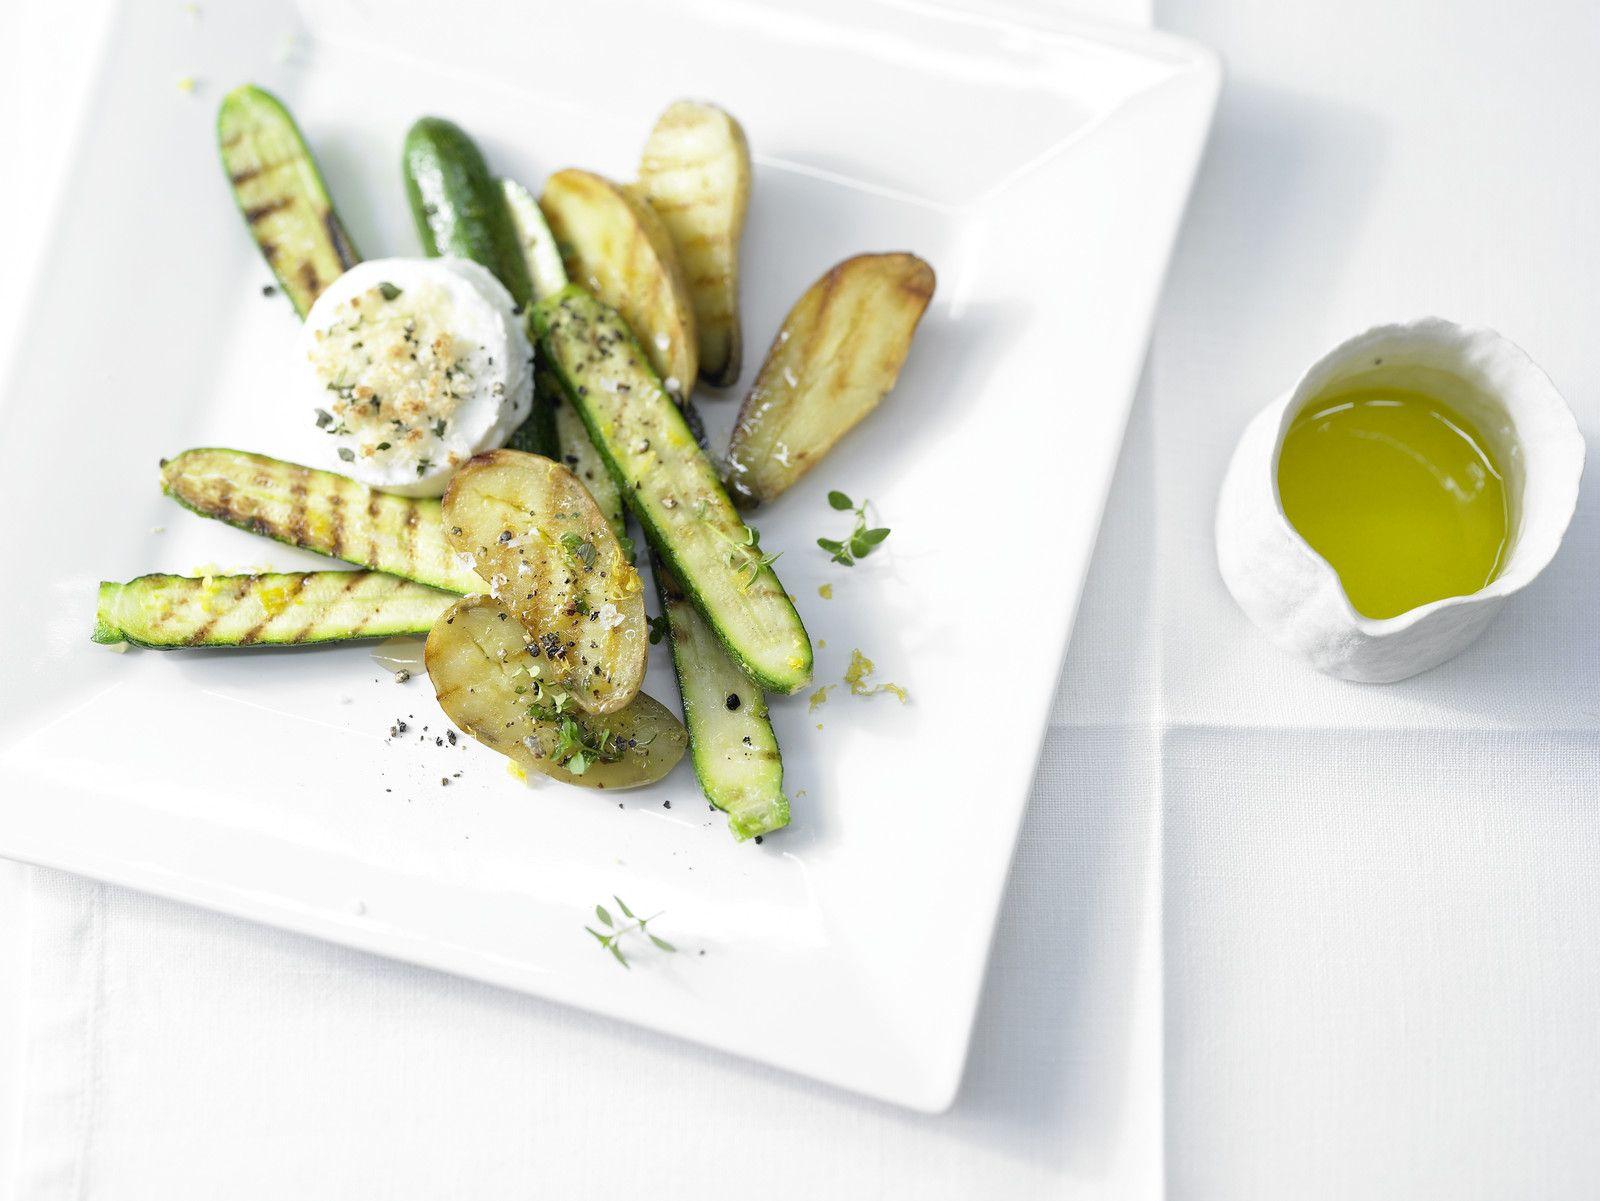 Sommergerichte Zucchini : Sommergerichte zucchini: zucchini rezepte in leckeren variationen